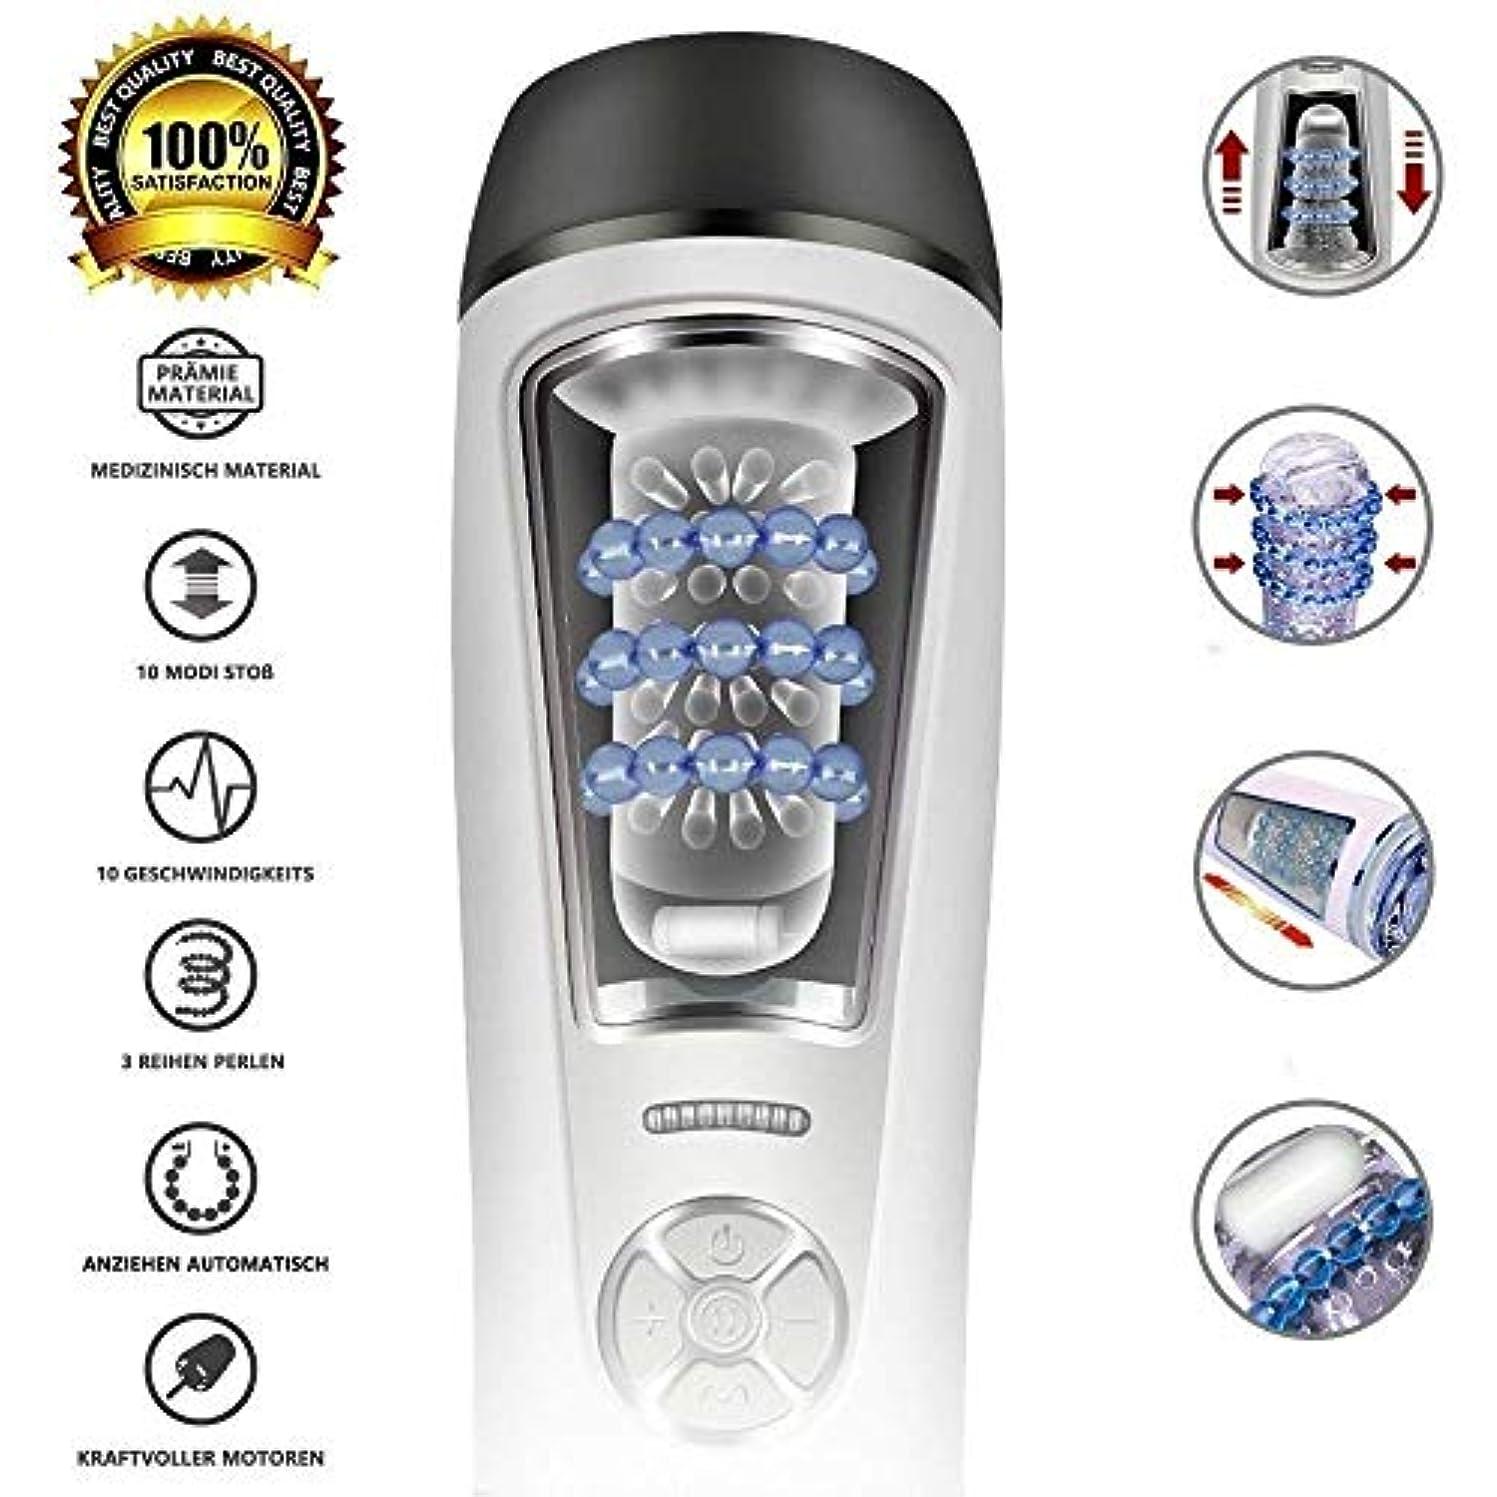 比類のないオゾンオリエントRisareyi 電動 オナホール 280回/分と360°回転電子マッサージカップを吸う男性自動ピストンカップグレートギフトリラックスボディ USB充電式 オナホ 大人のおもちゃ